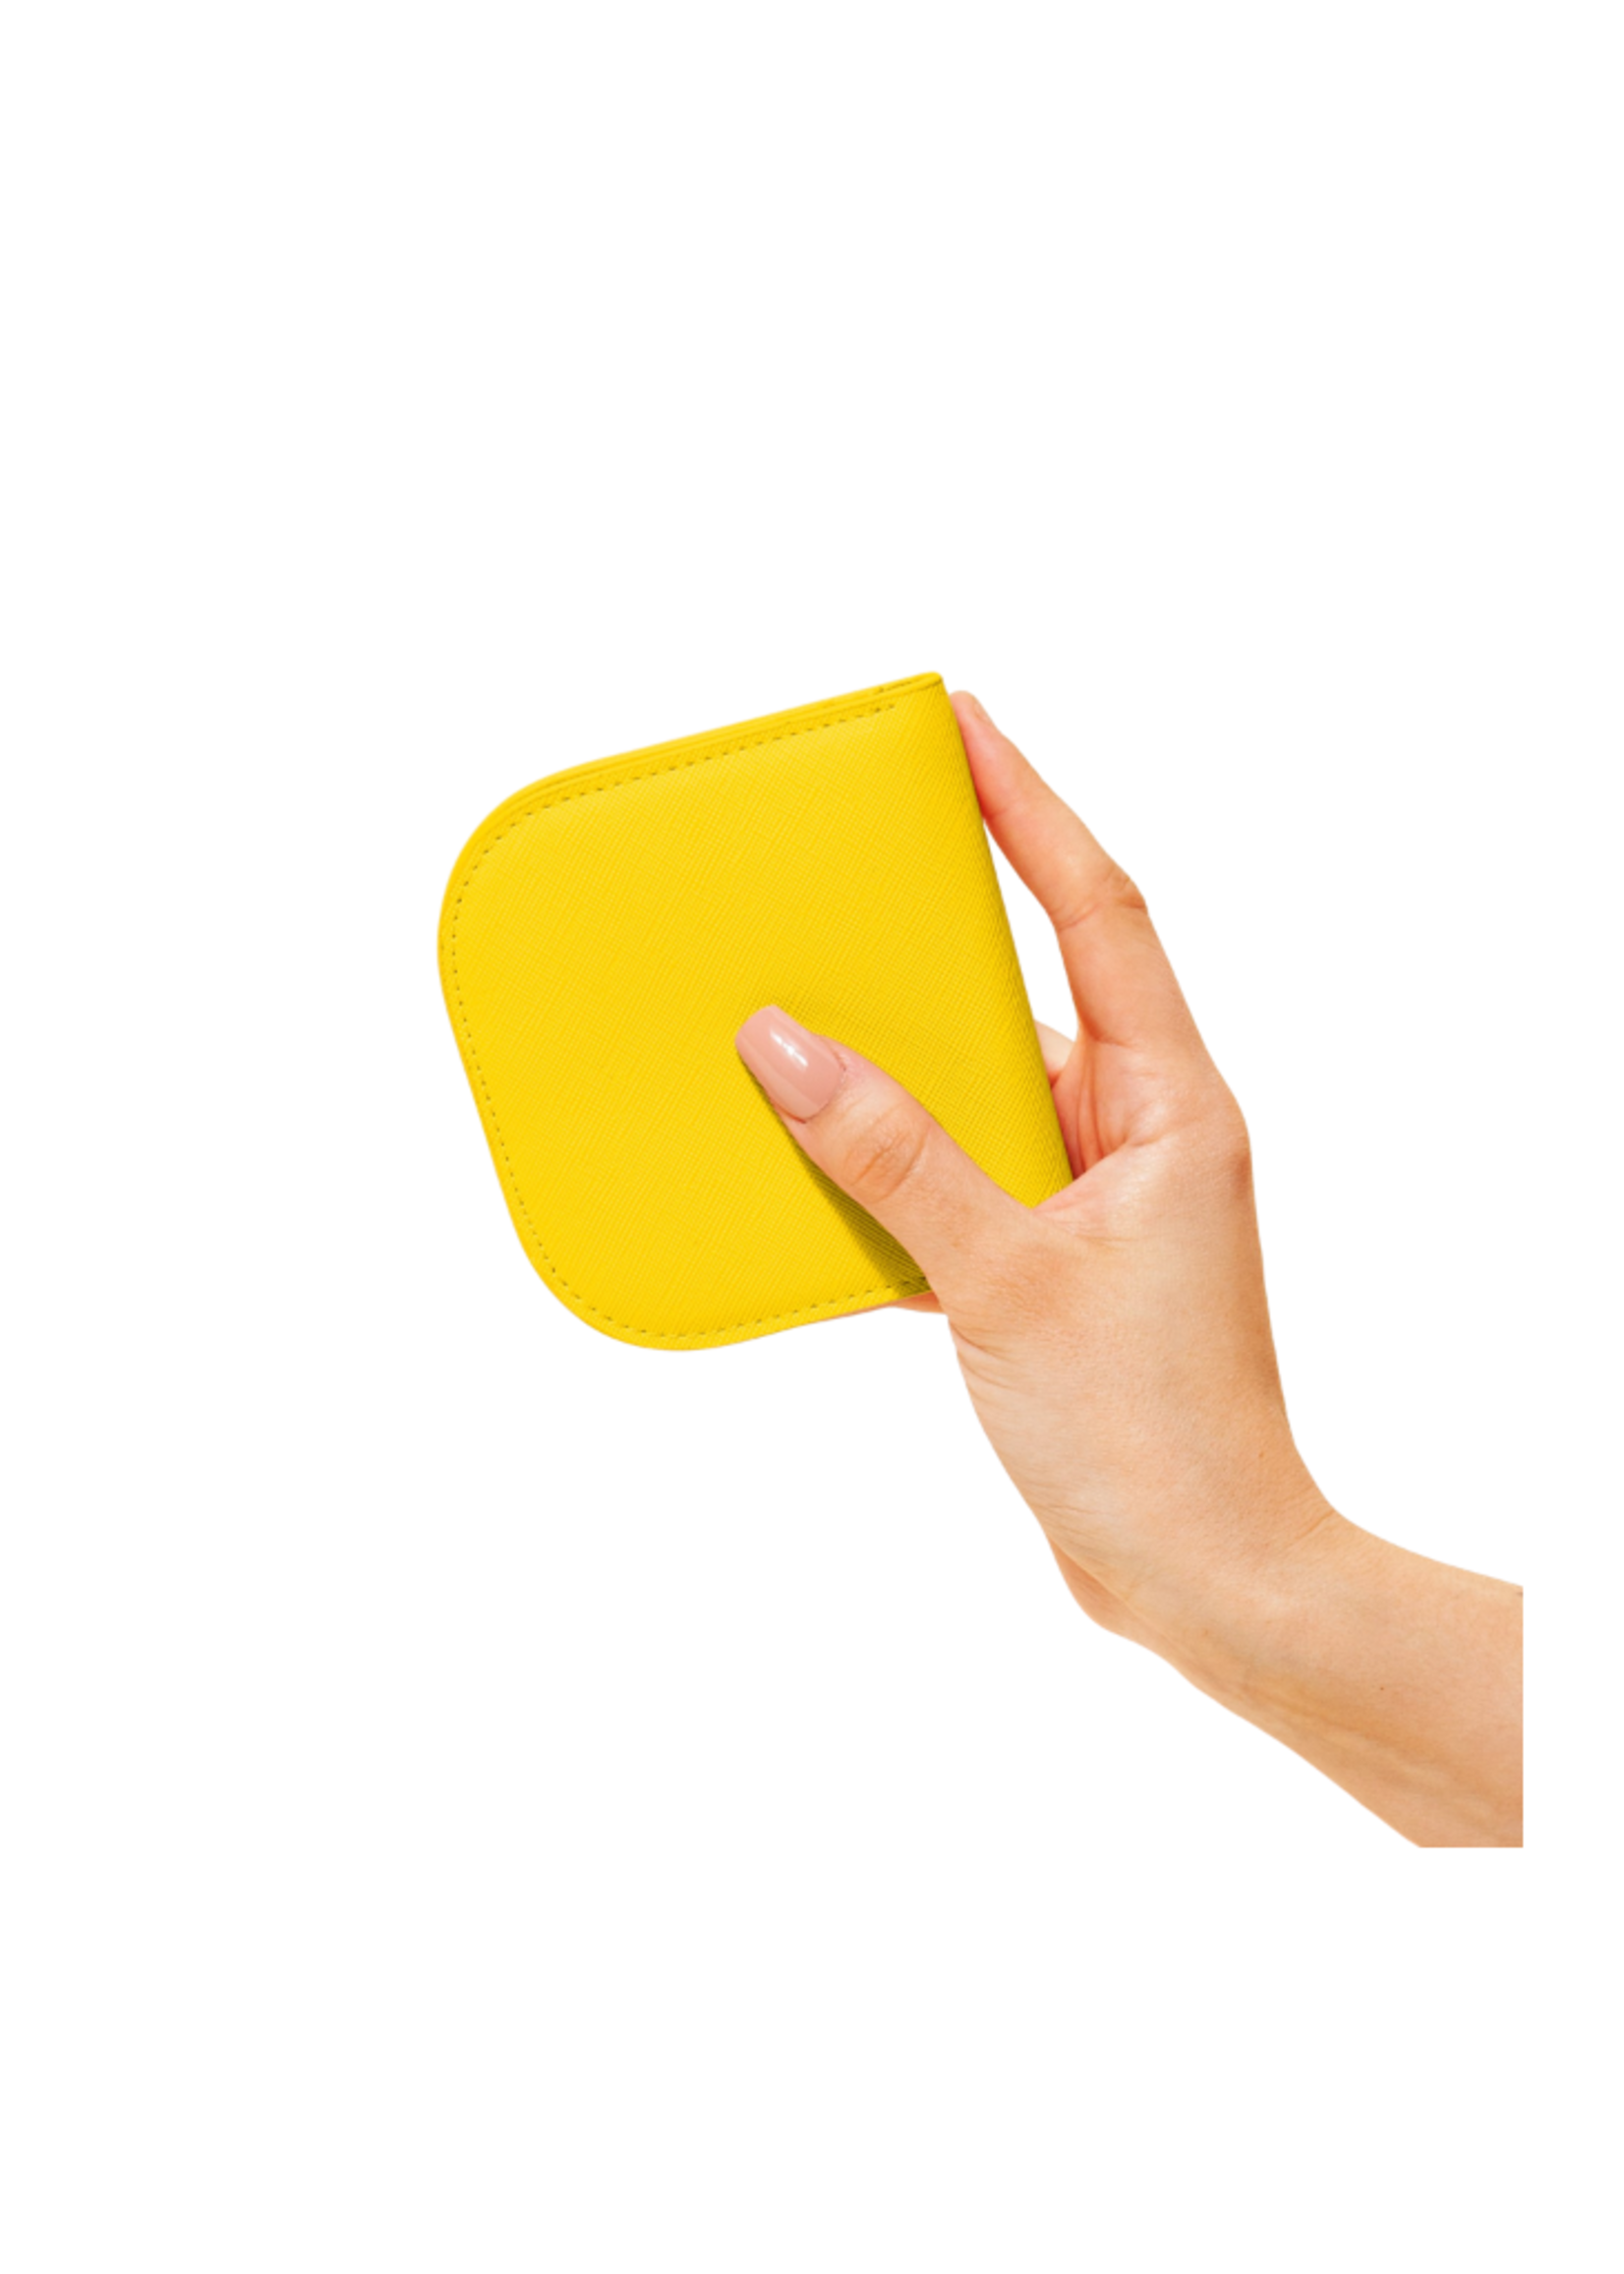 Poketo Poketo Dome Wallet Yellow